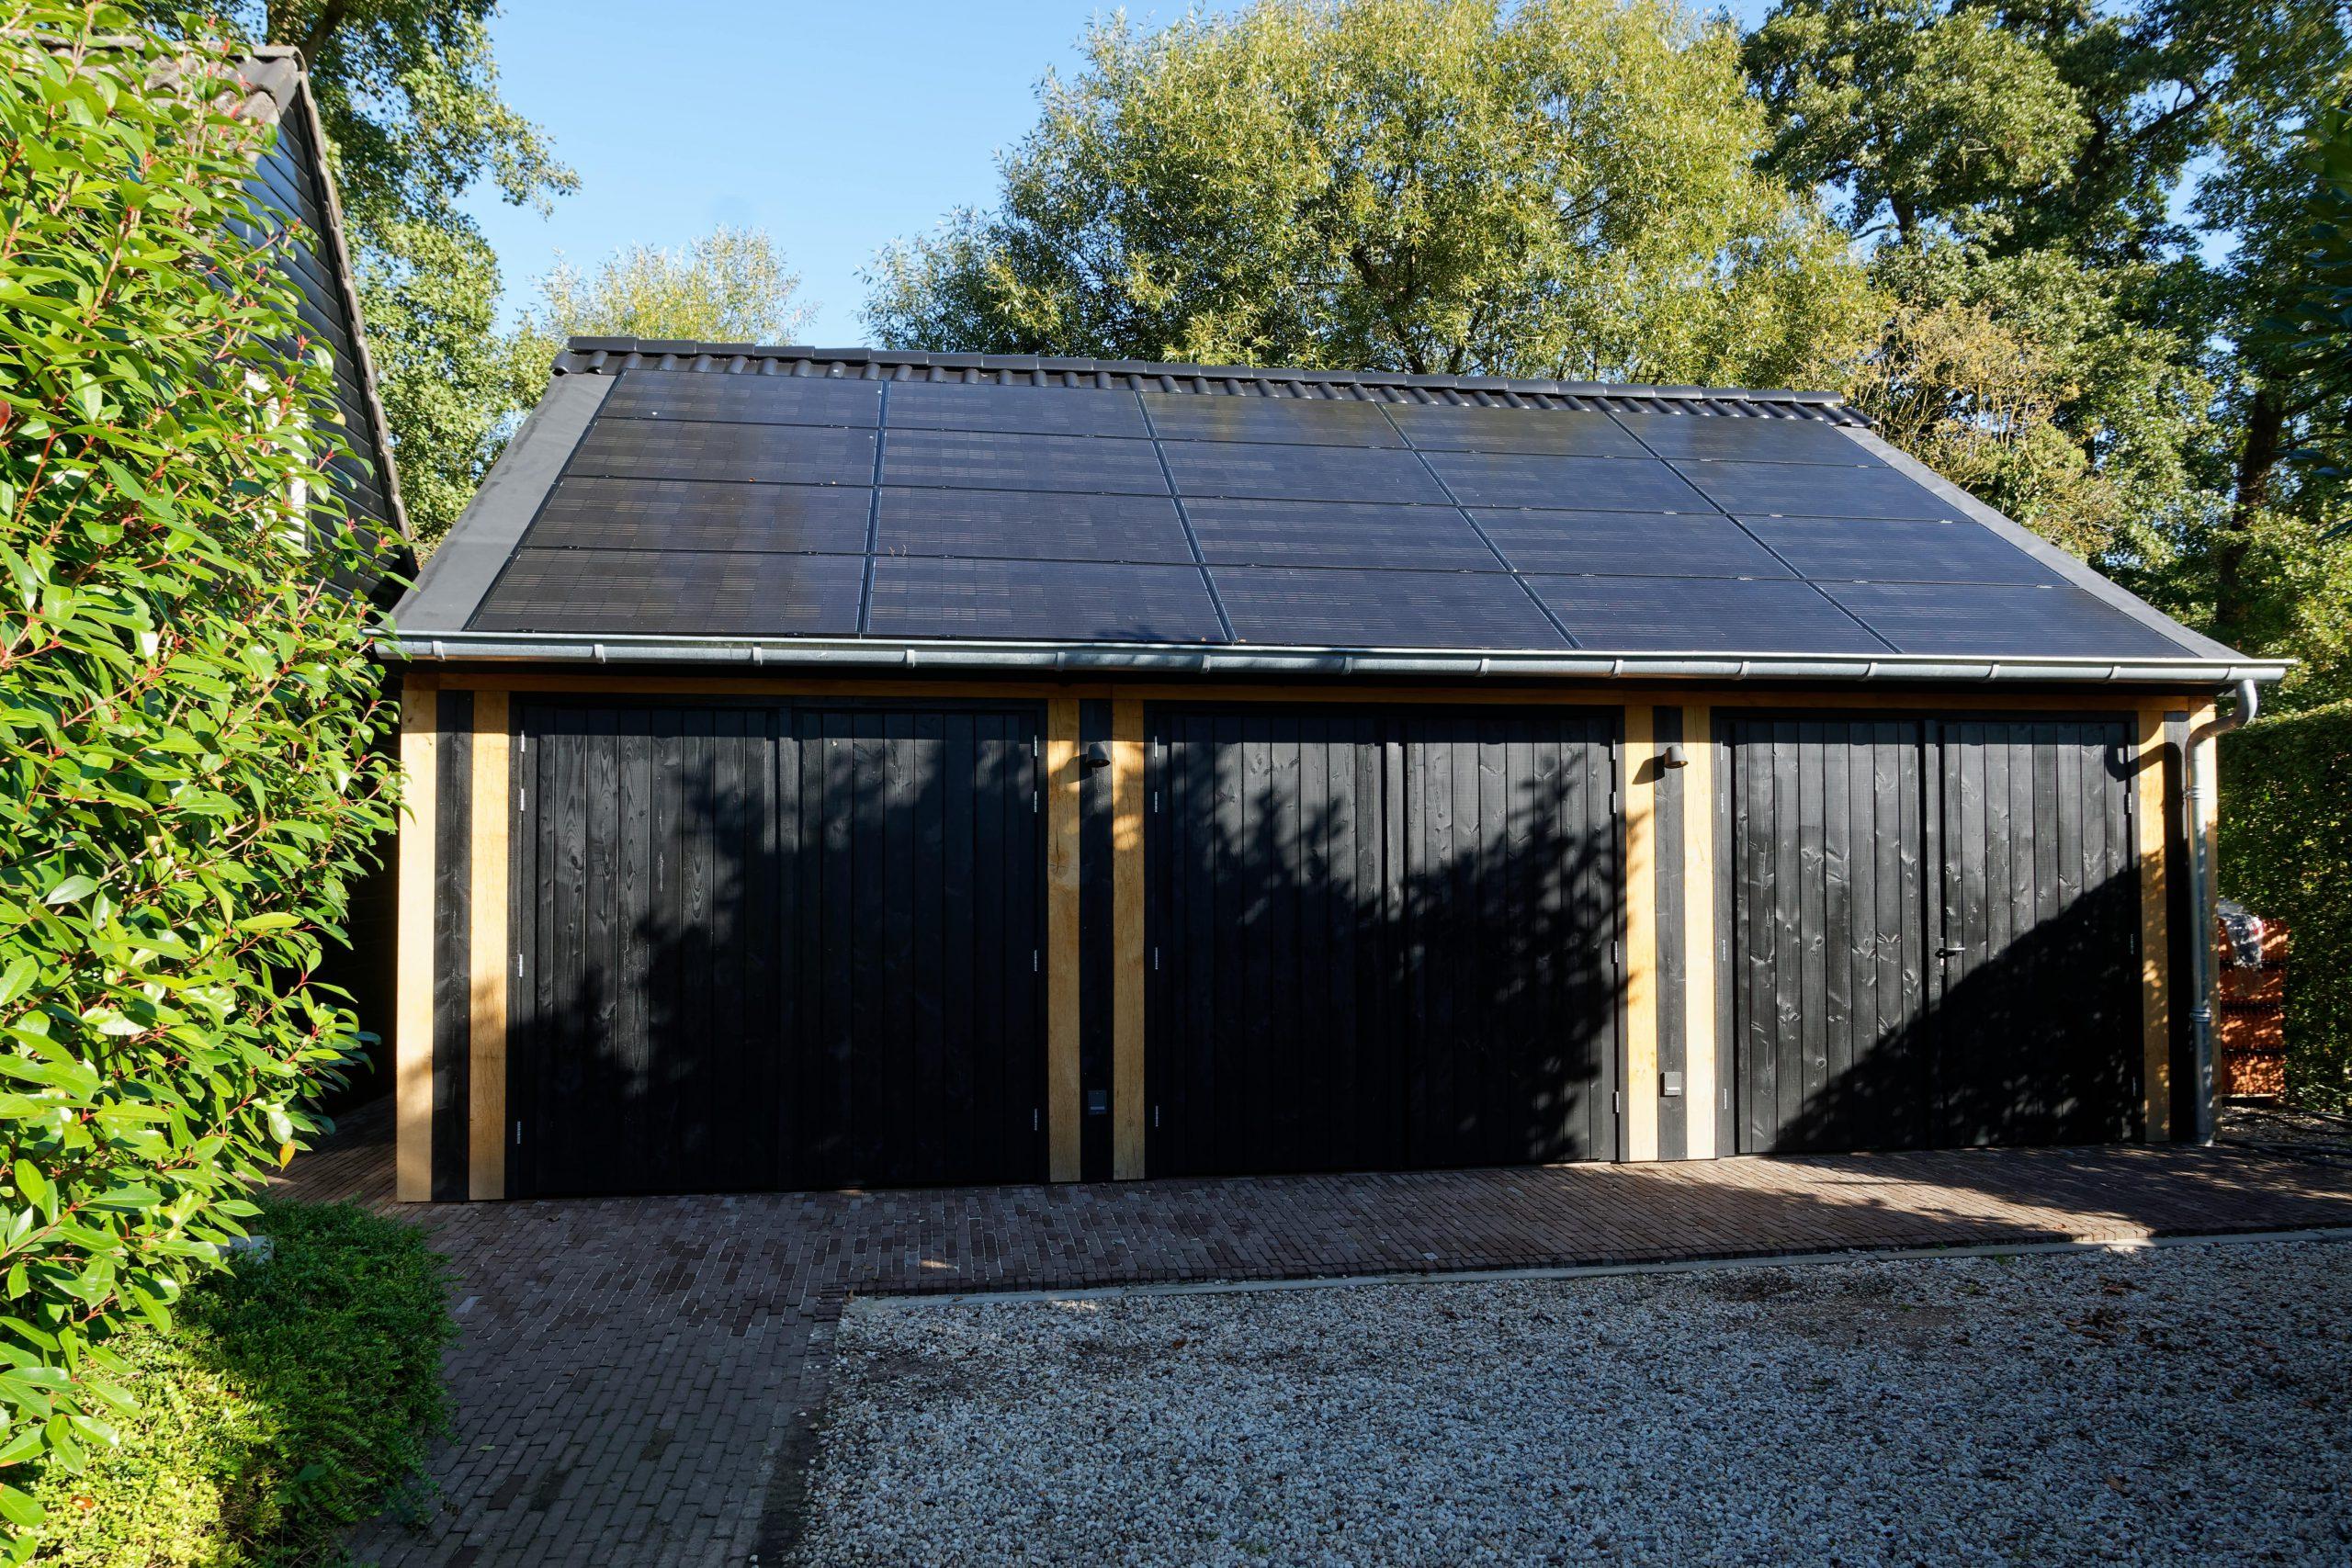 houten-garage-met-zonnepanelen-2-scaled -